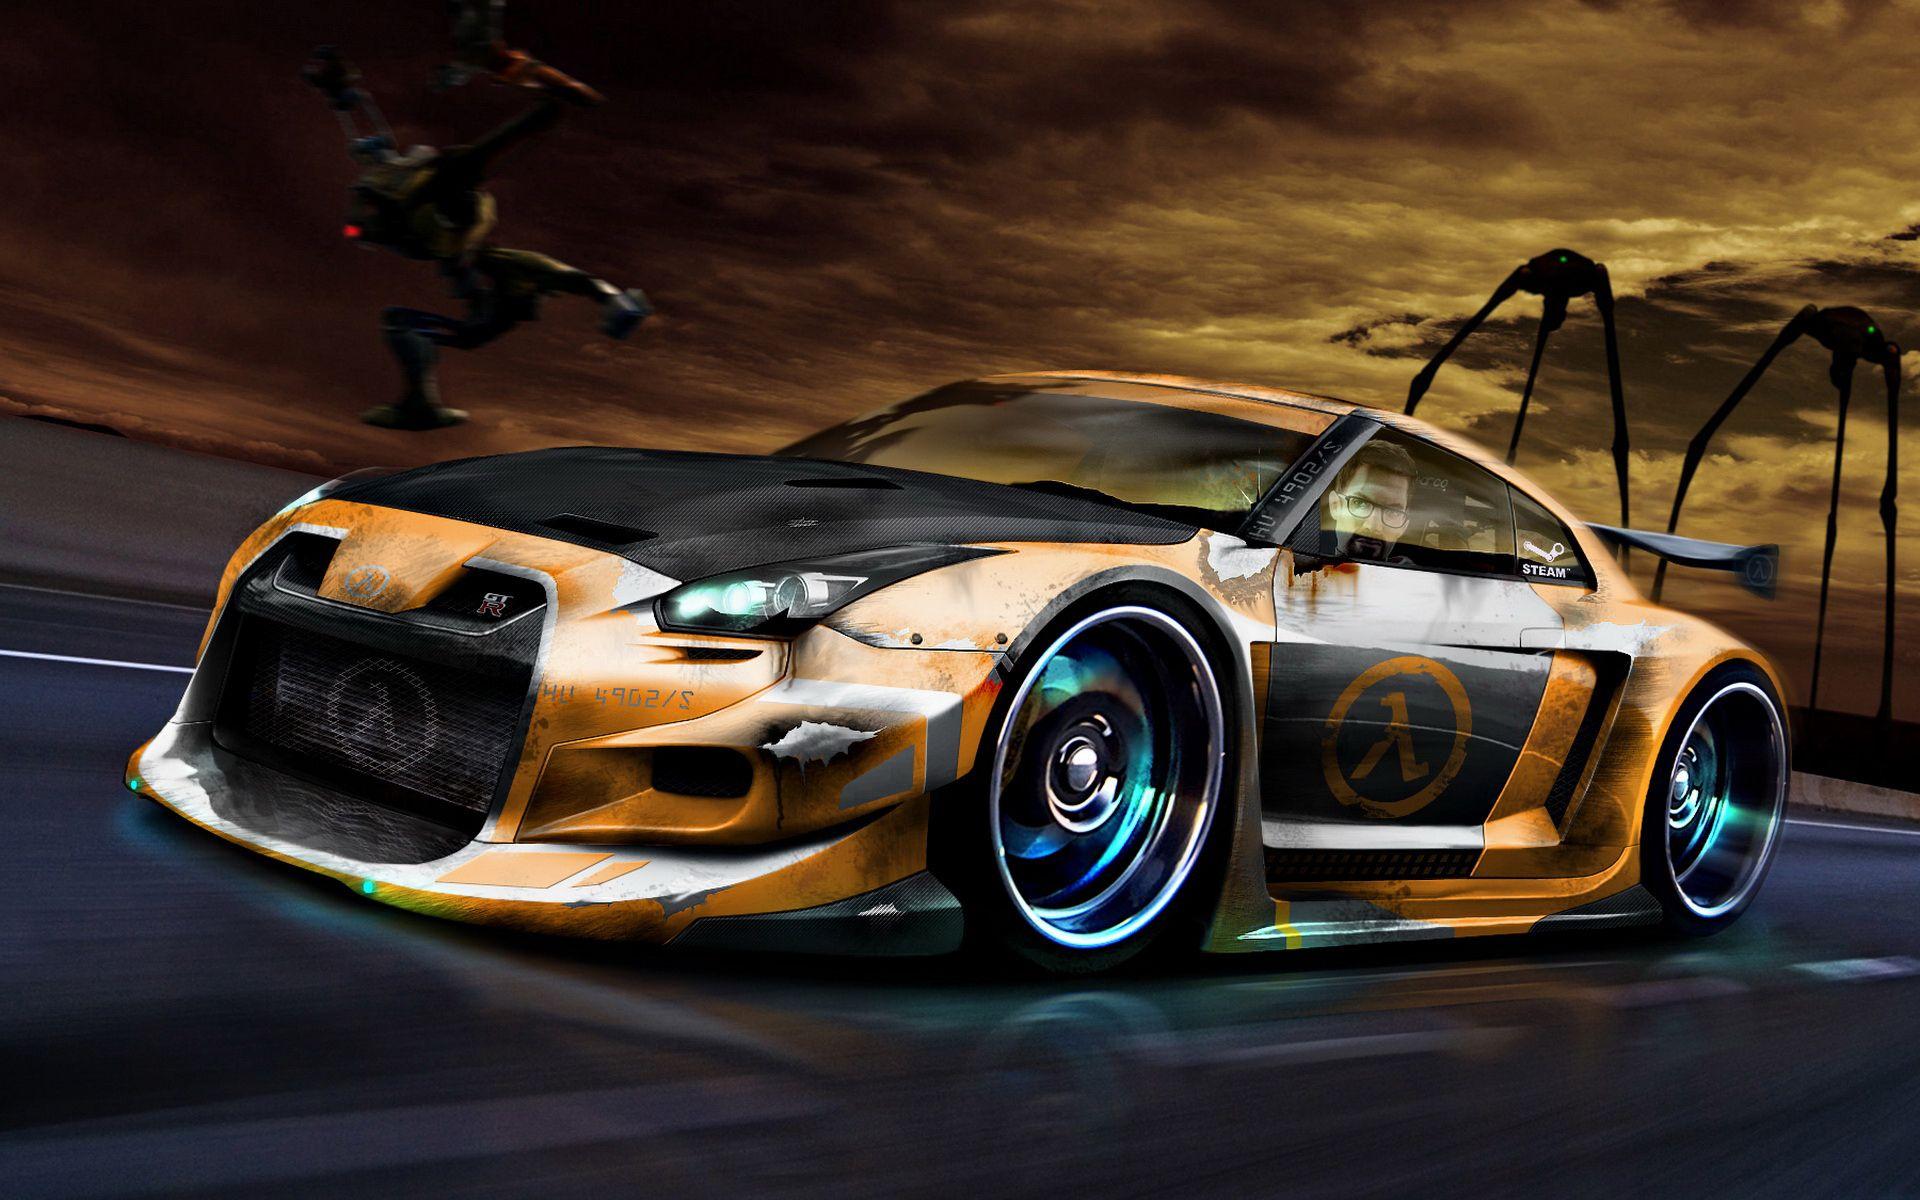 street racing car pics Cool sports car wallpaper Auto desktop 1920x1200